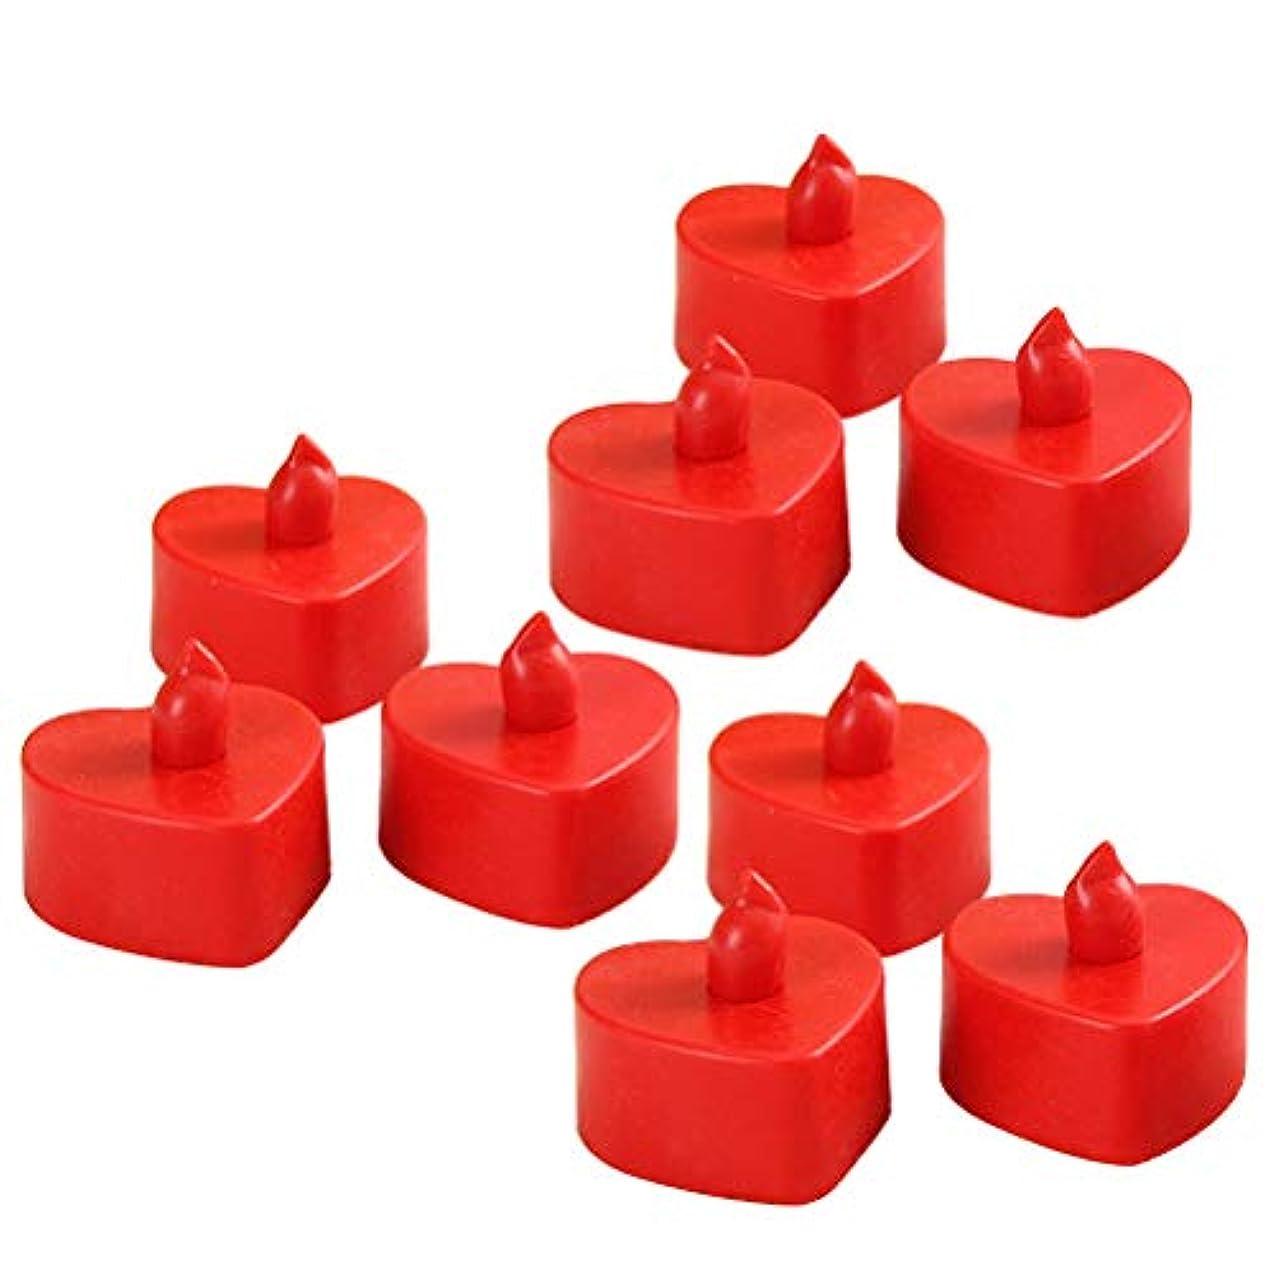 スーツケース擬人化またはBESTOYARD 10個無炎キャンドルバッテリーは、キャンドルウェディングパーティフェスティバルの装飾(赤いシェルの赤い光)